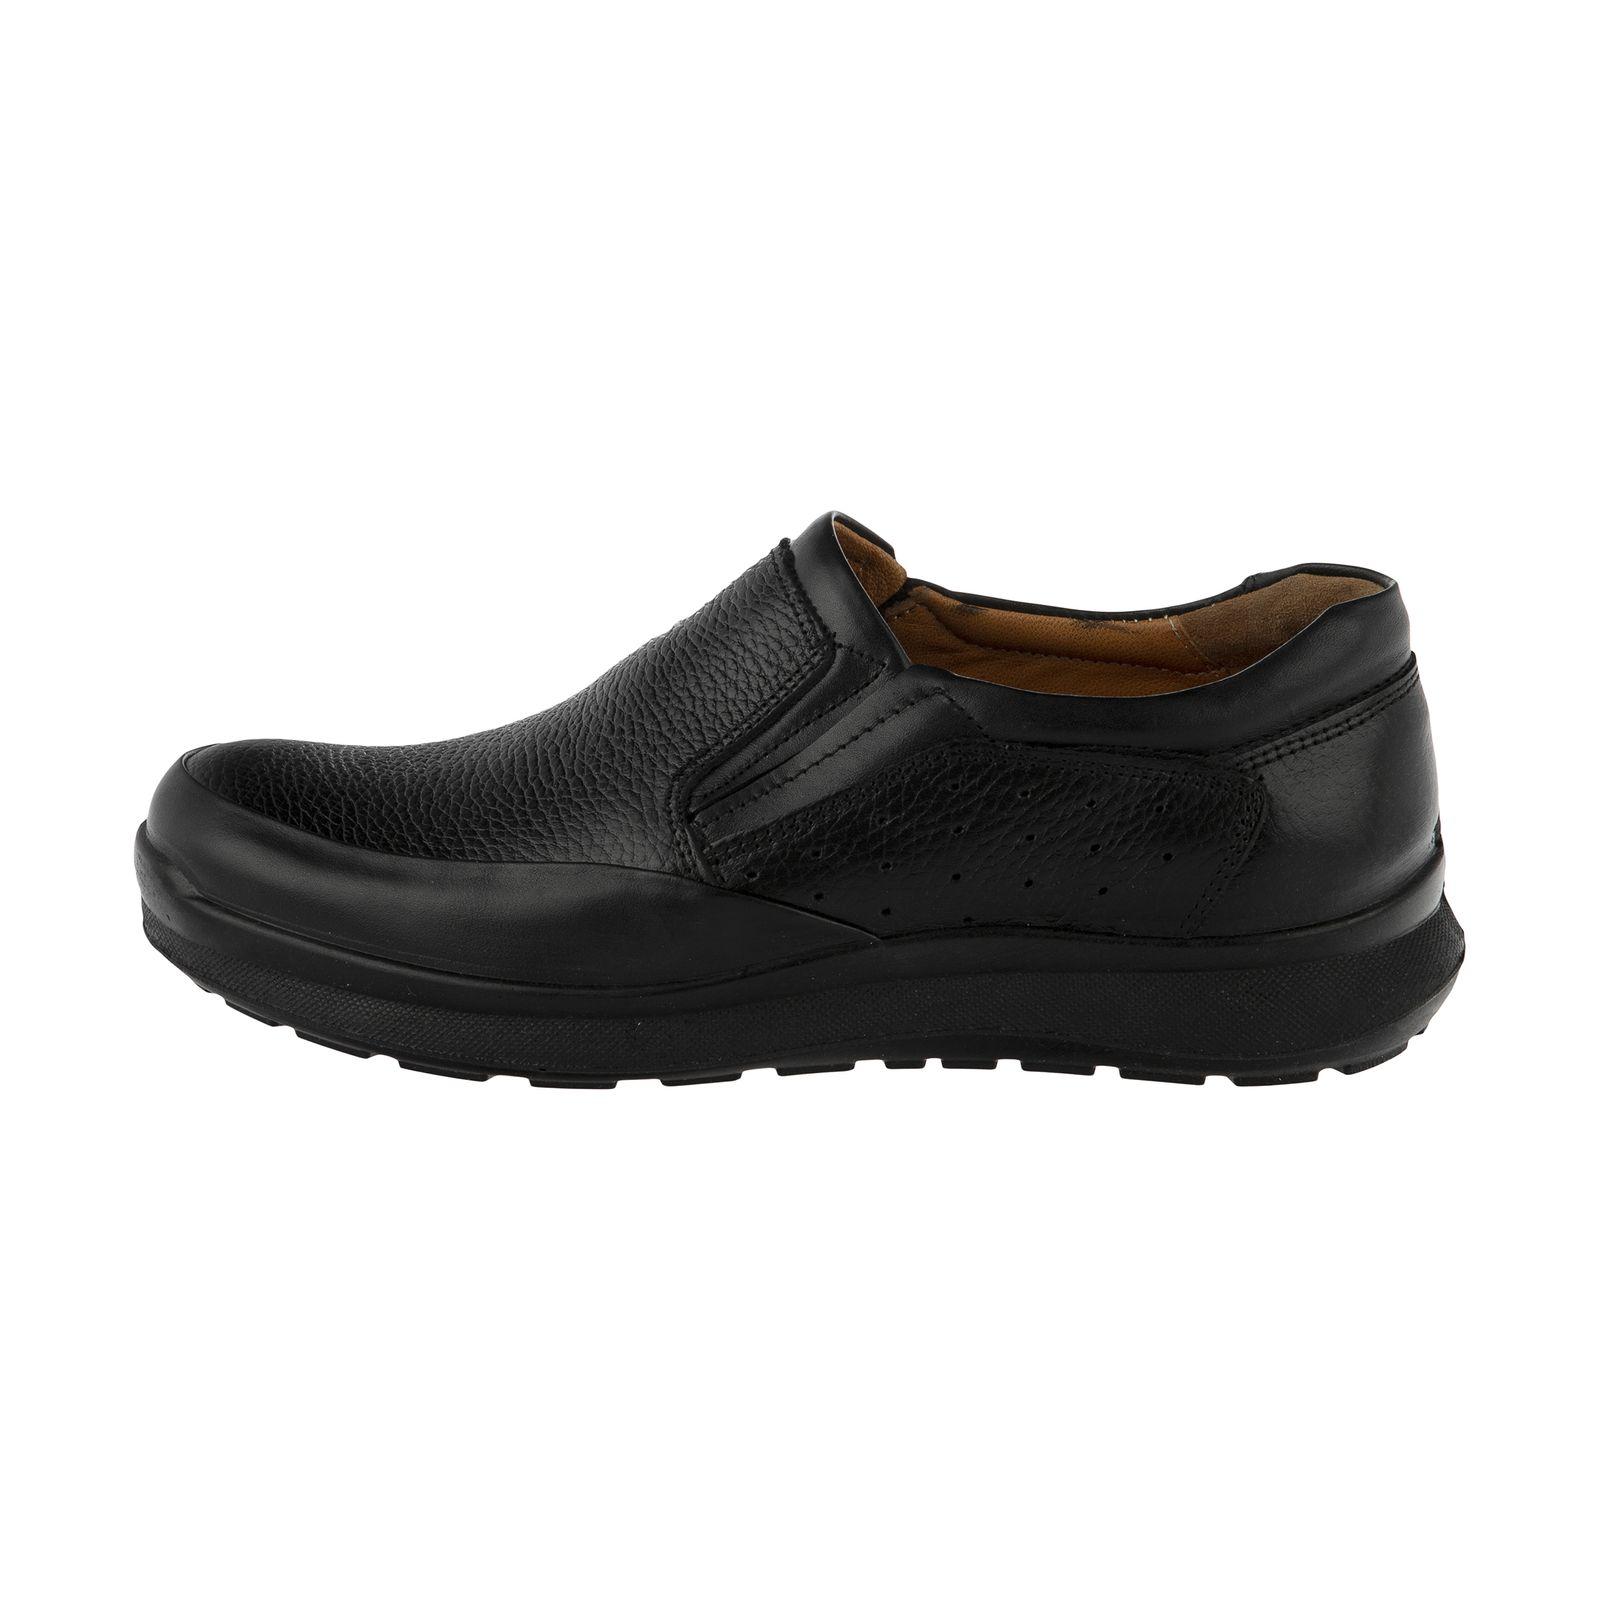 کفش روزمره مردانه سوته مدل 5033A503101 -  - 2